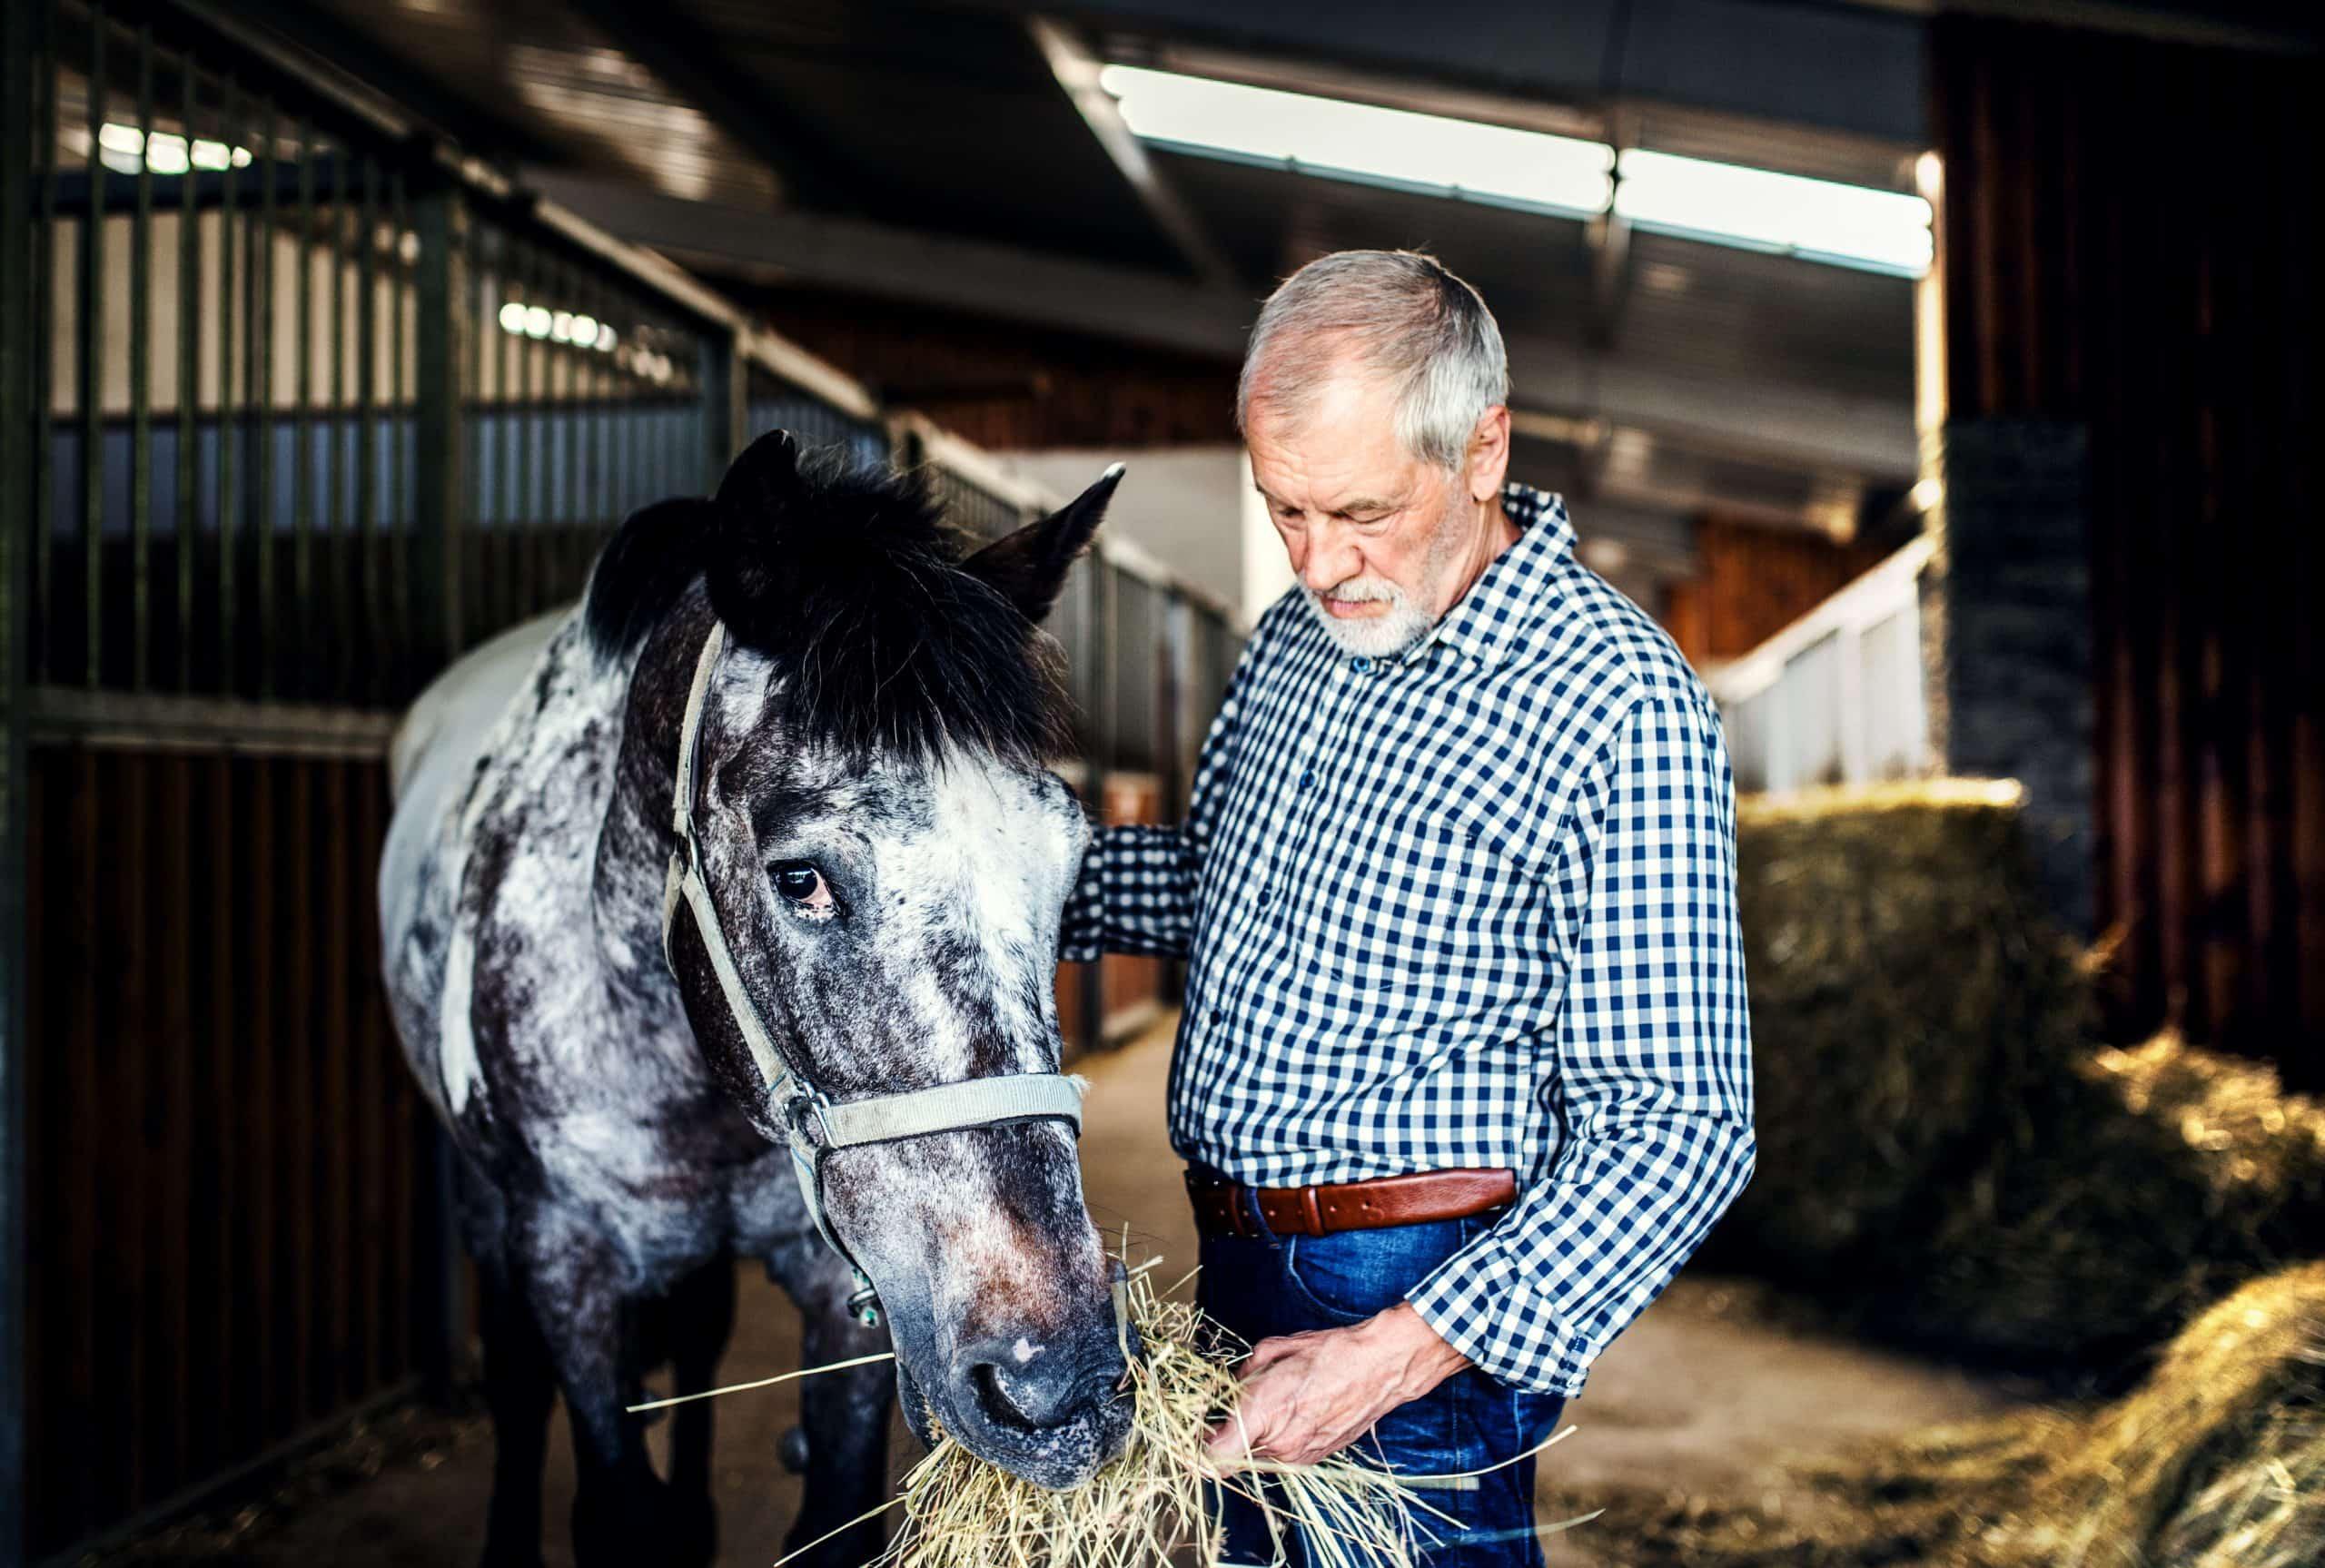 A joyful senior man feeding a horse hay in a stable.